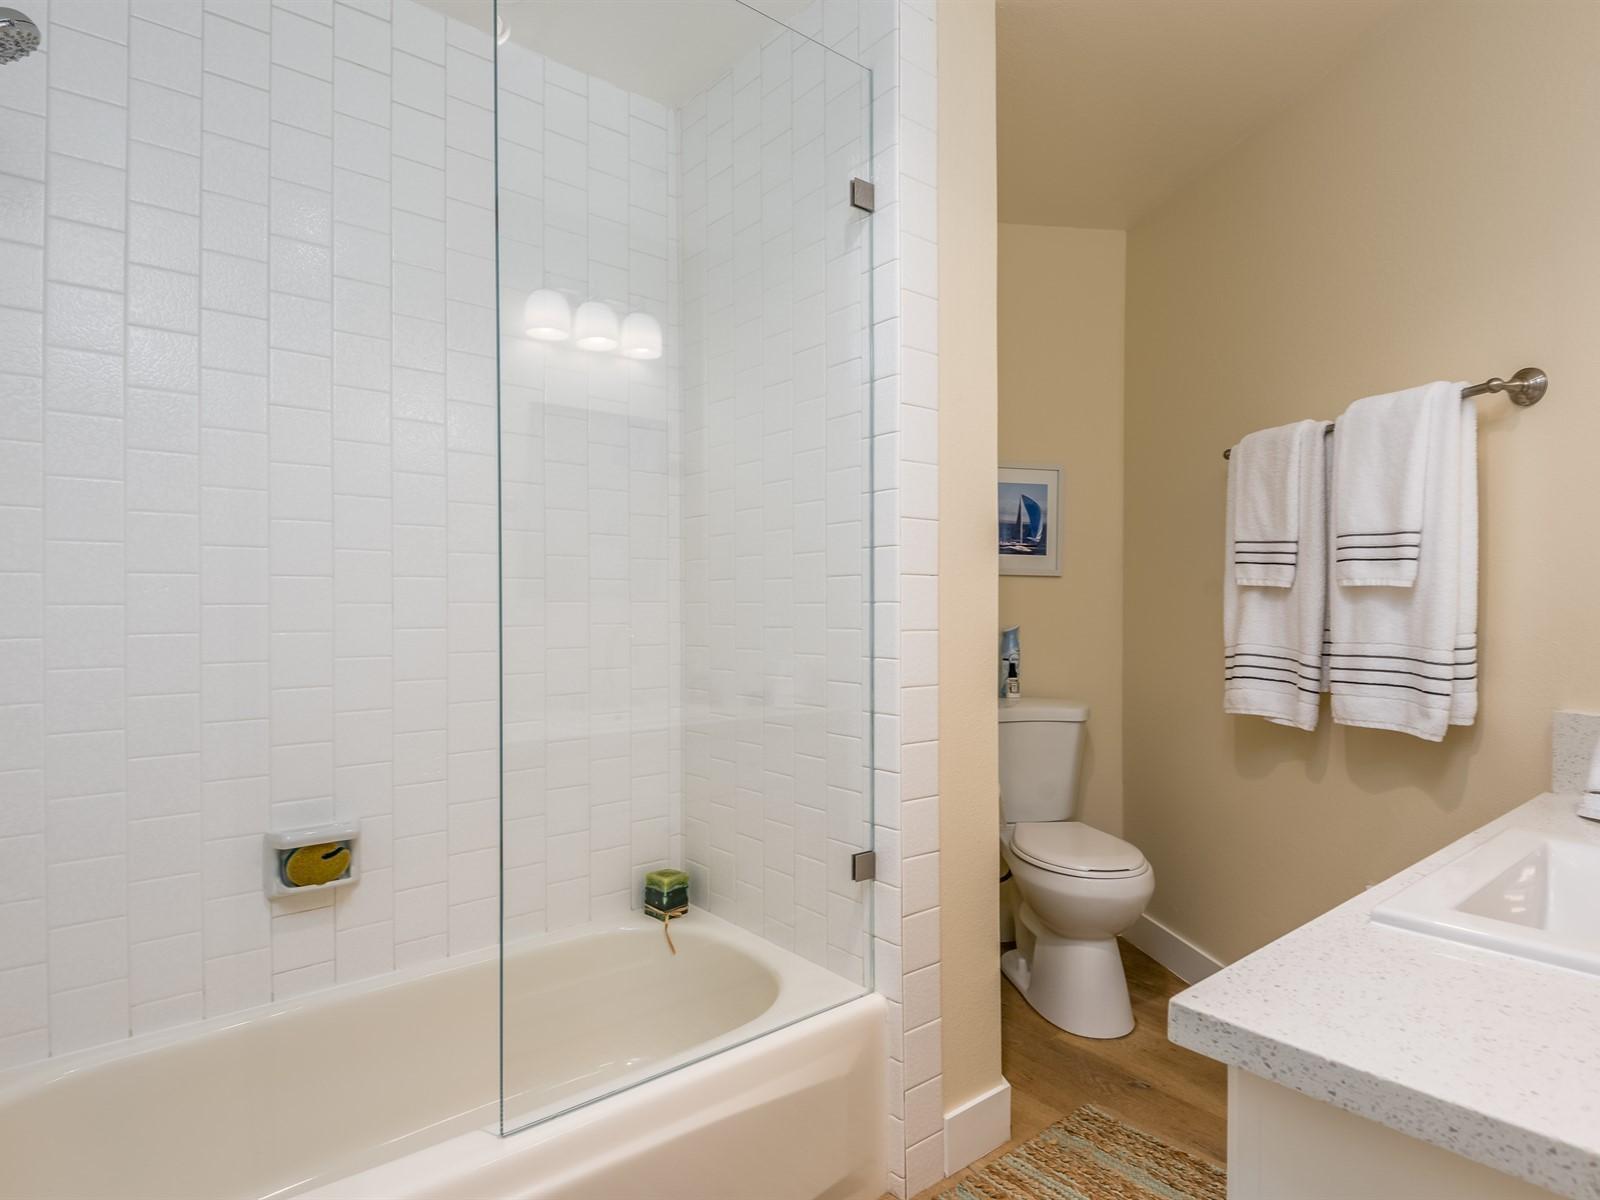 023_21-Bathroom 2